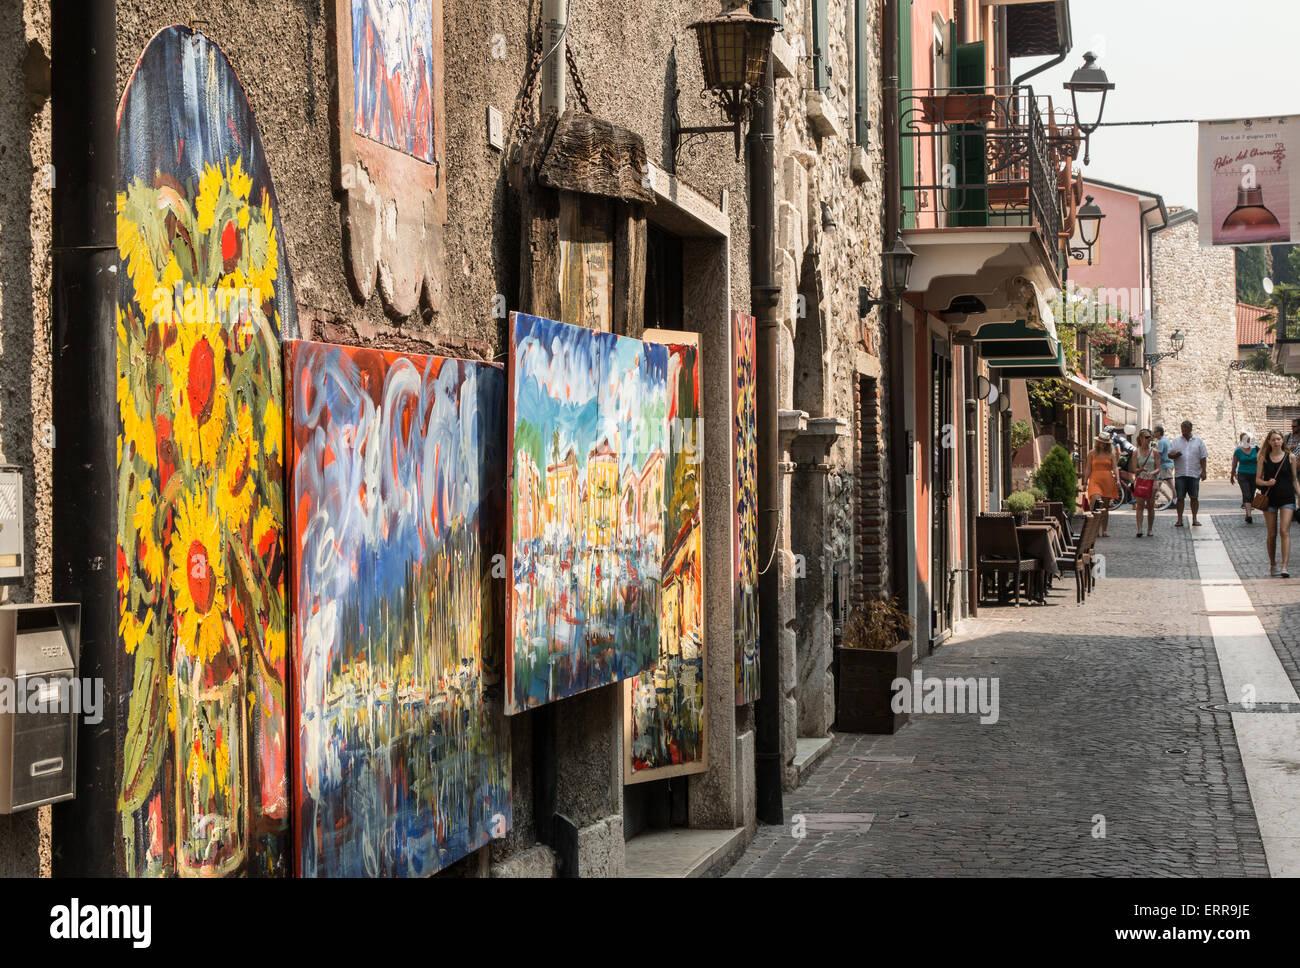 bardolino stockfotos bardolino bilder alamy On außerhalb italienisch